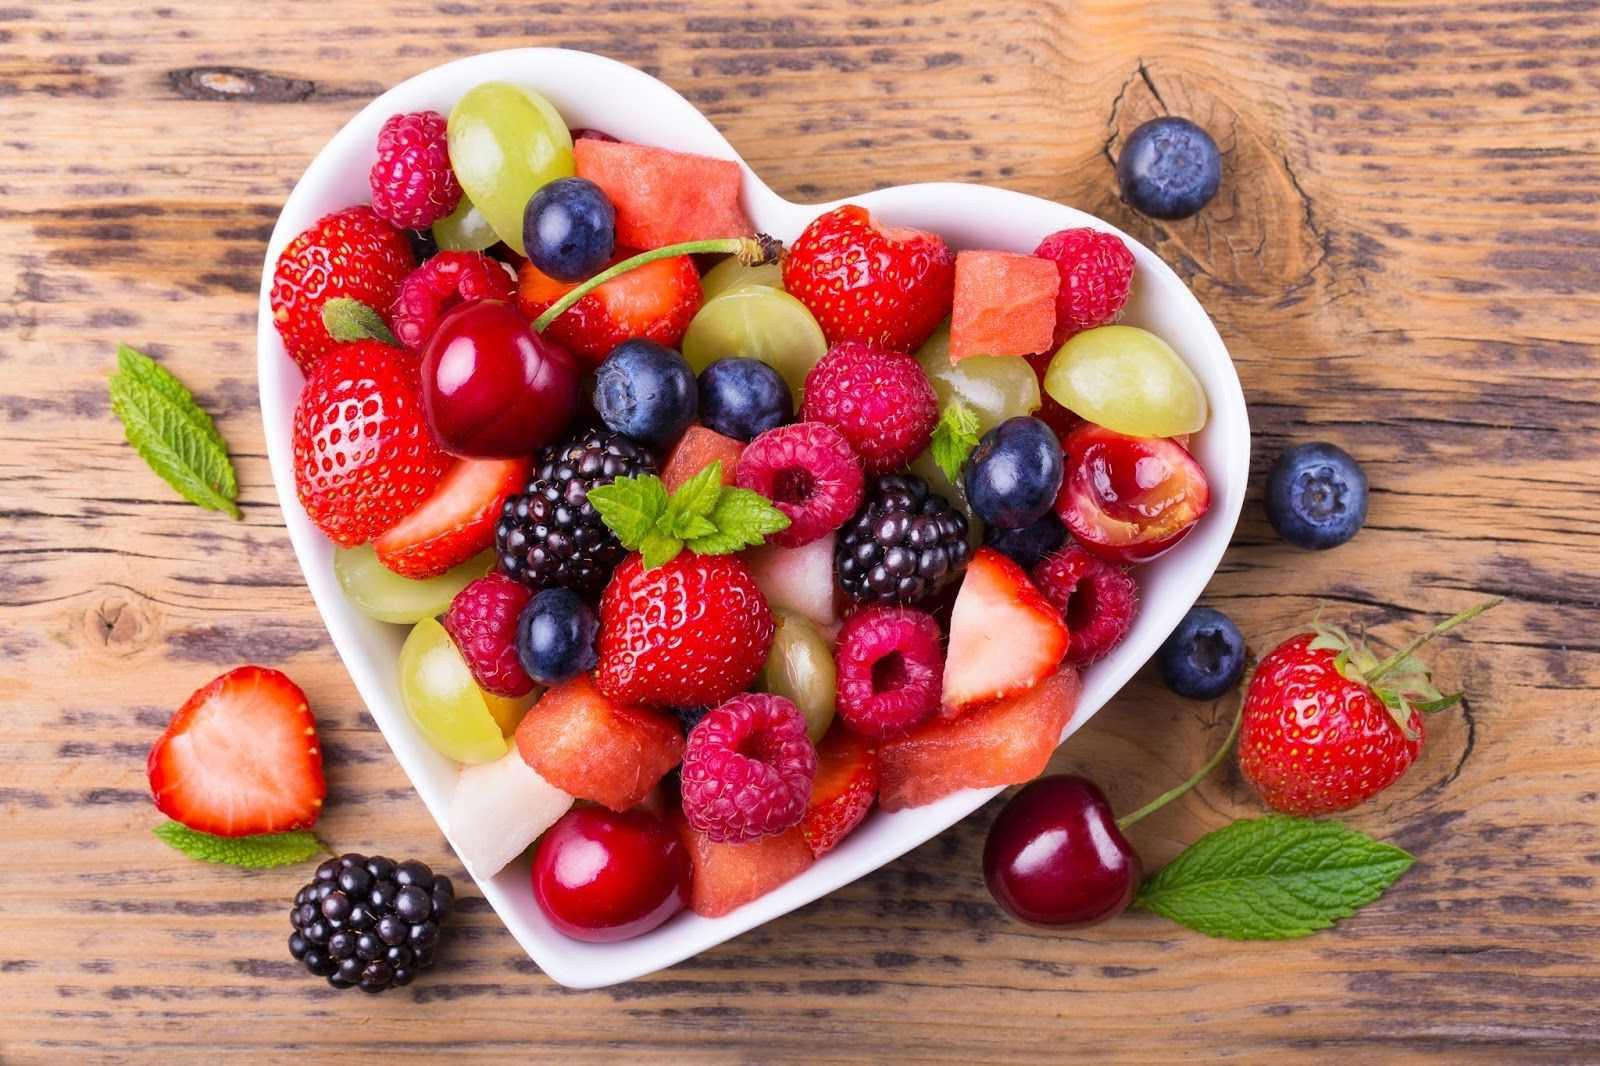 Фрукты и ягоды с низким гликемическим индексом